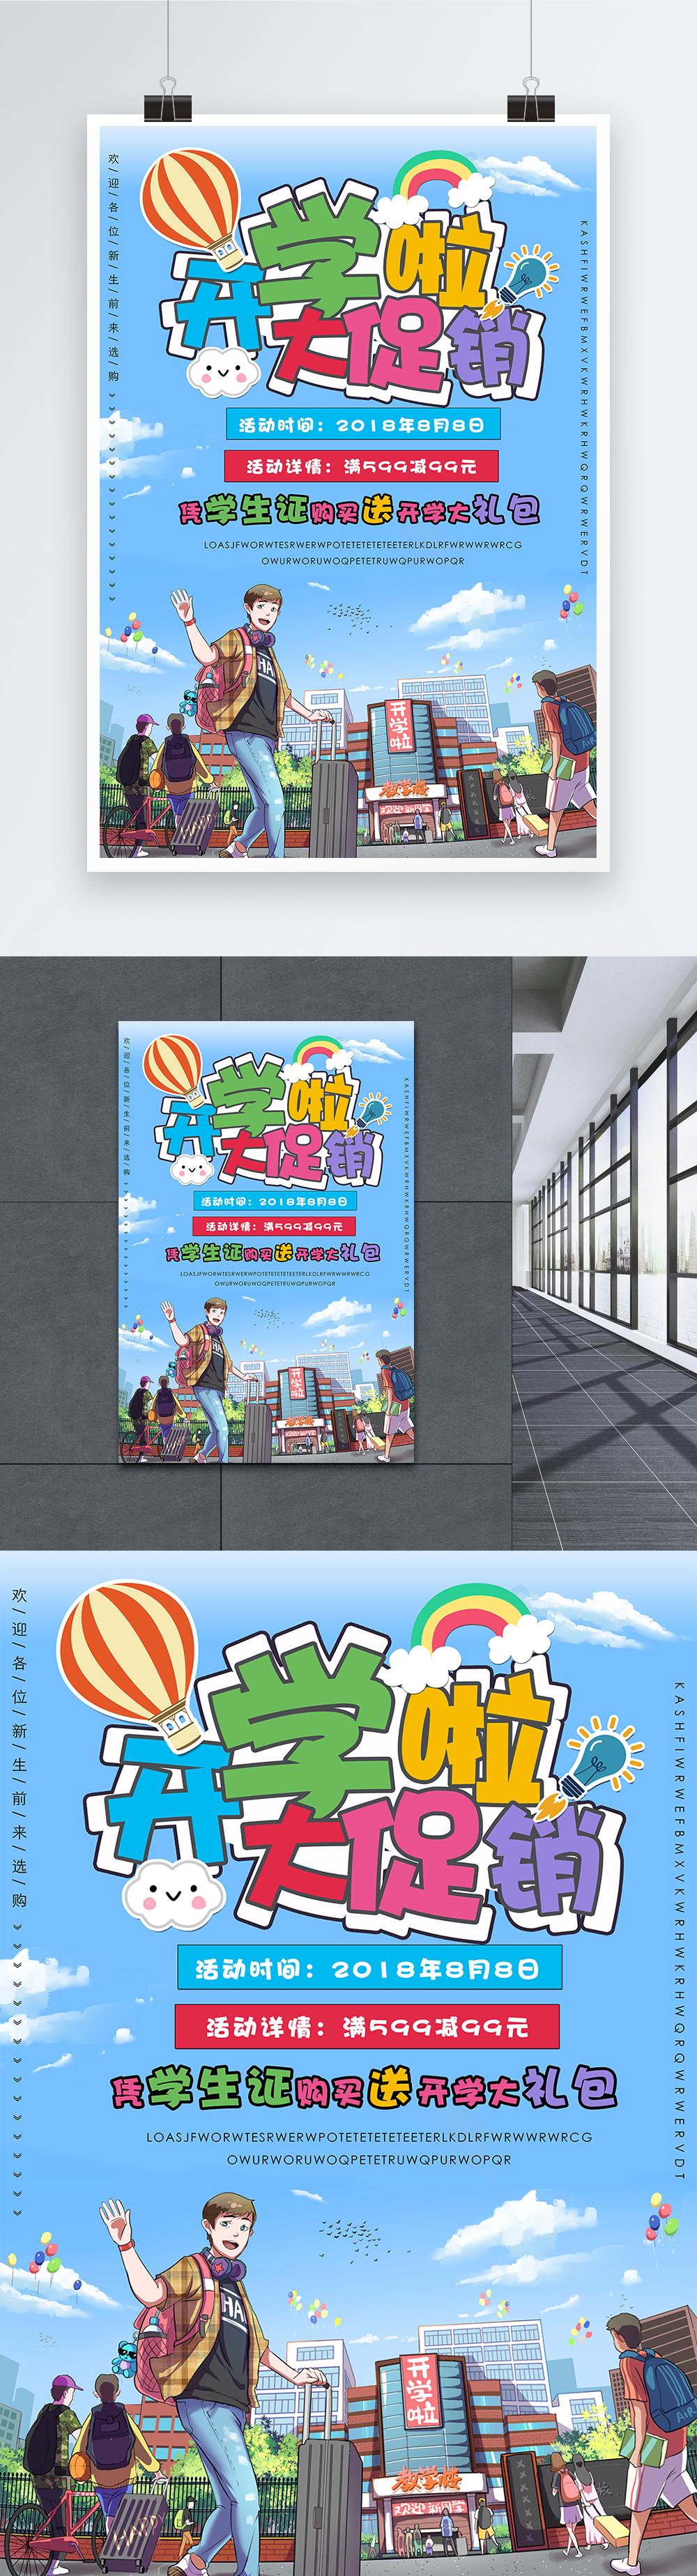 Poster Promosi Sekolah Gambar Unduh Gratis Templat 400373881 Format Gambar Psd Lovepik Com